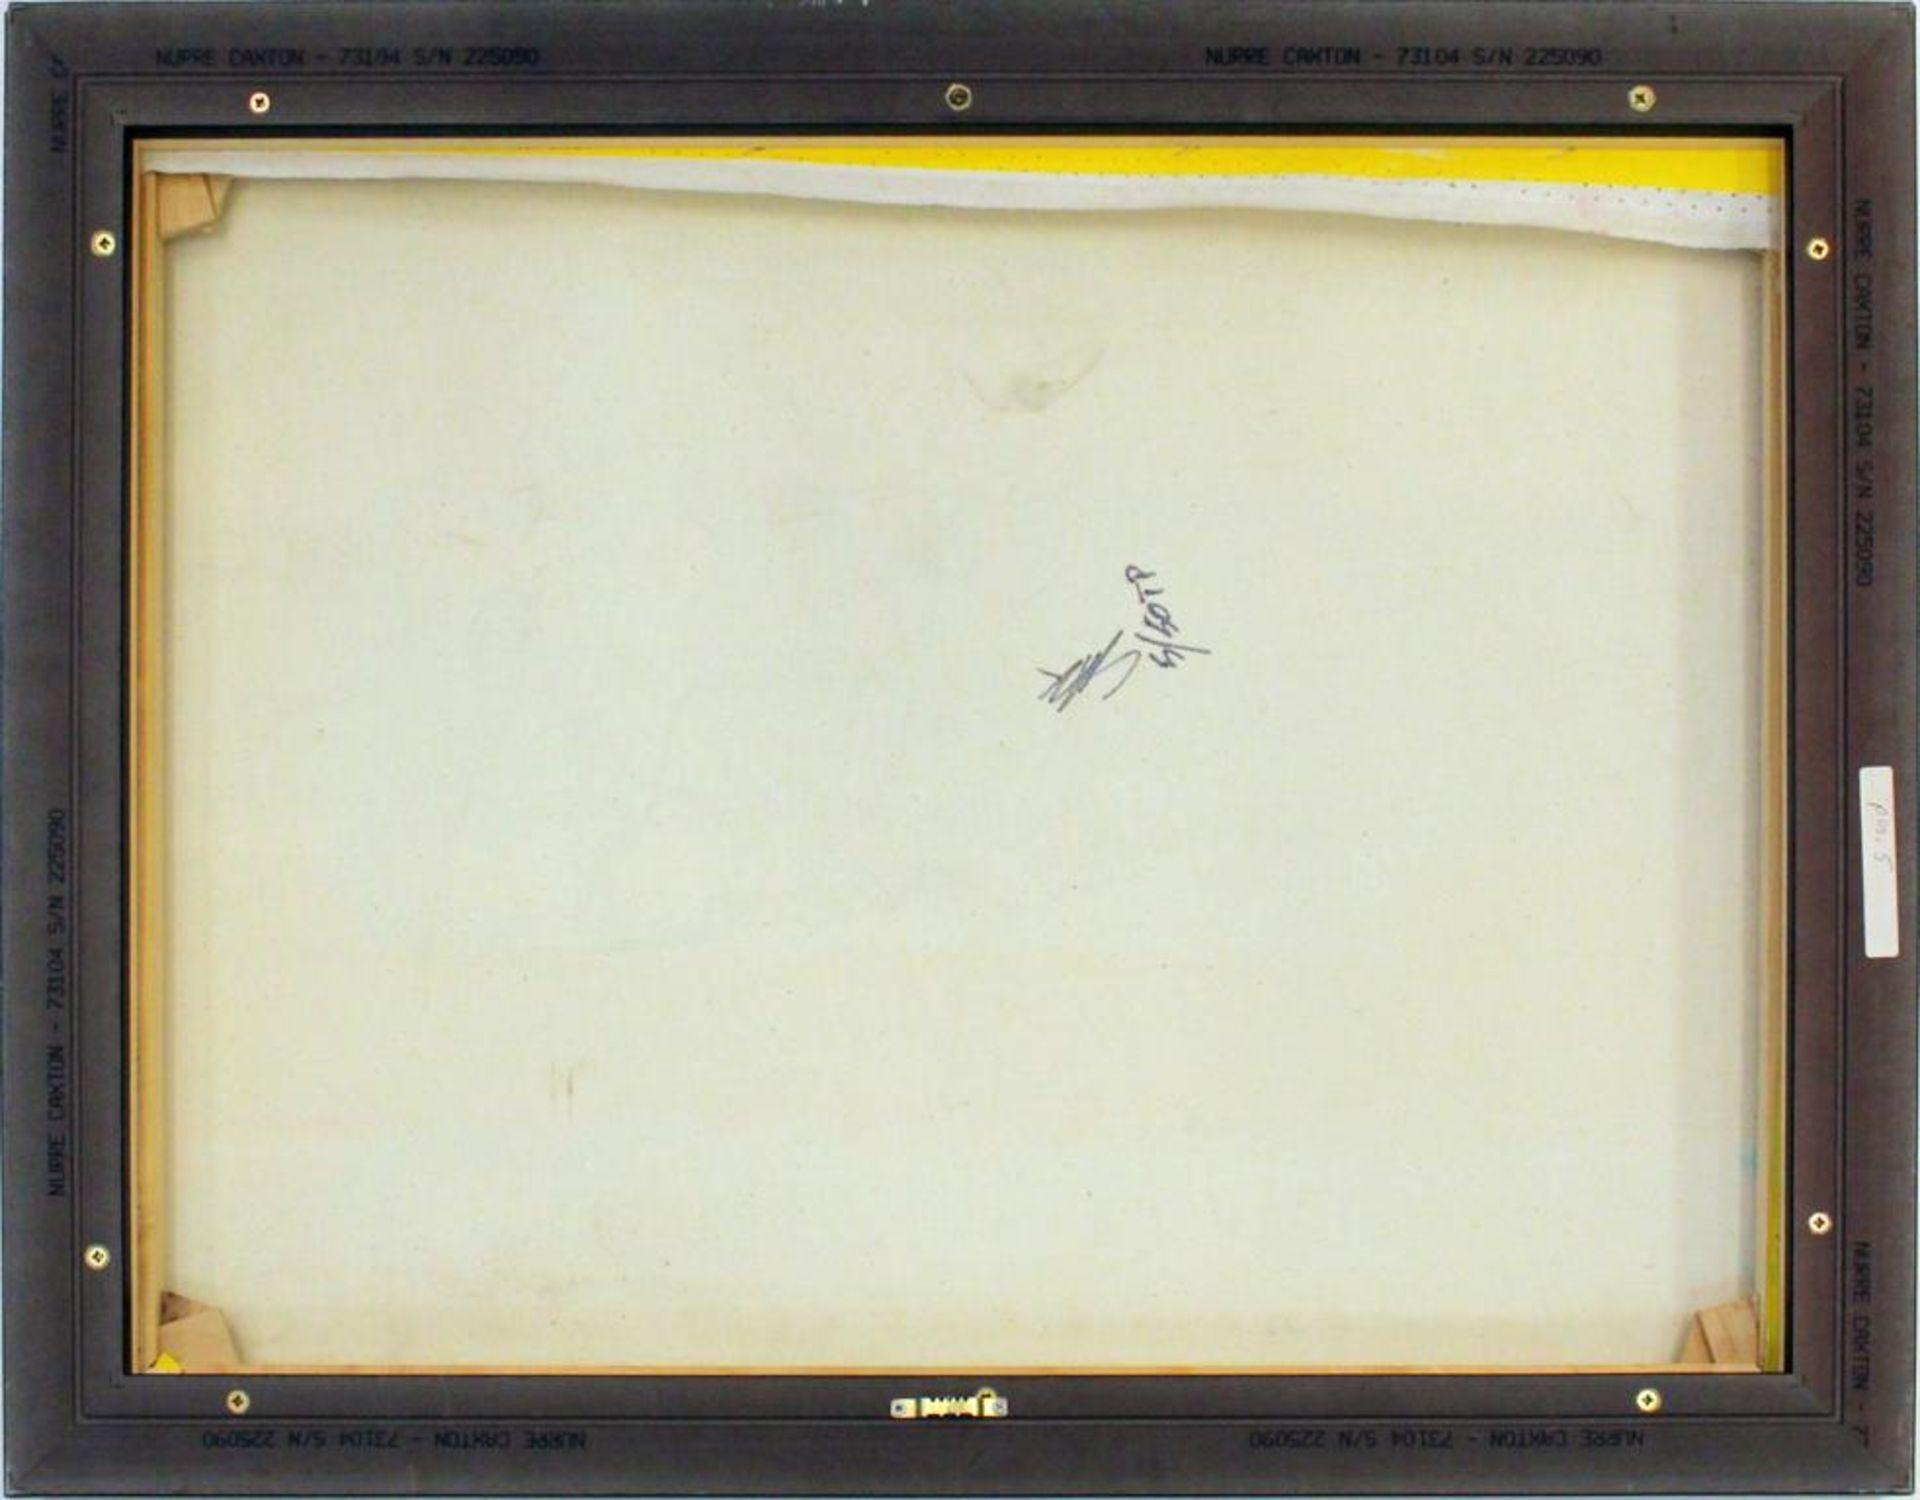 Los 34 - Kaufman Steve (1960-2010) Three Cohibas Siebdruck und Öl auf Leinwand Edition 5/50, Zertifikat Verso